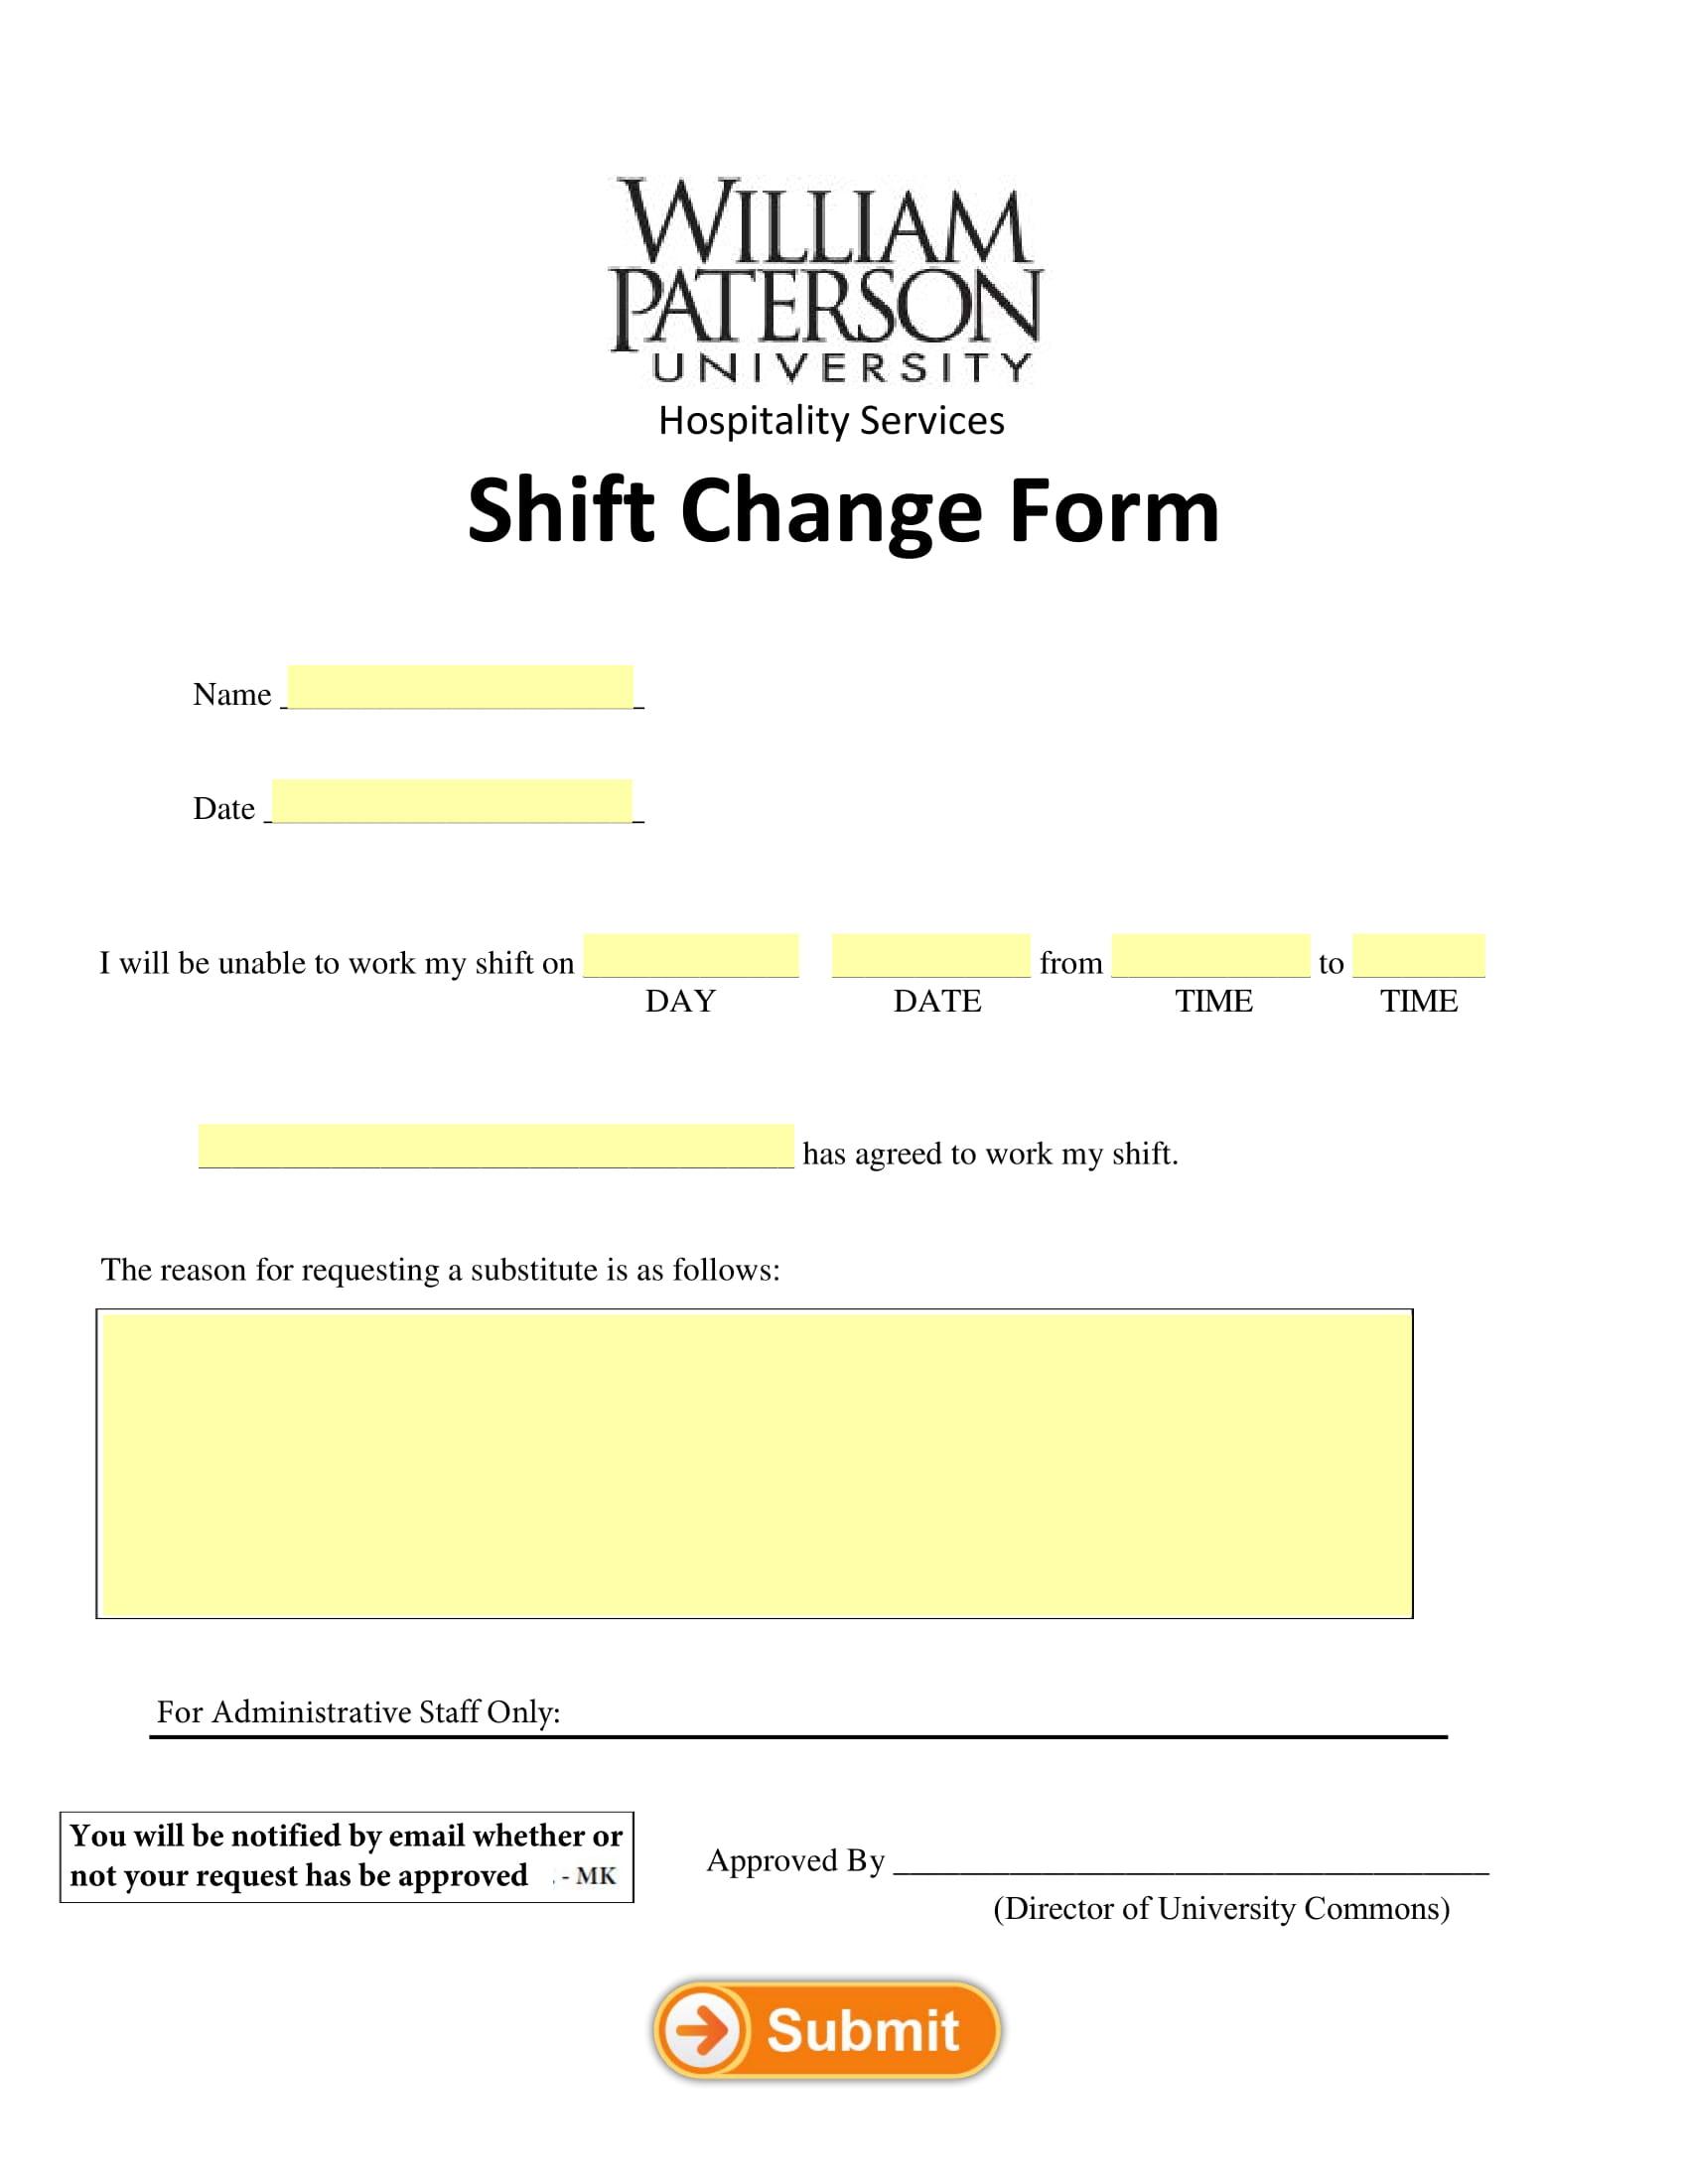 sample for shift change form 1